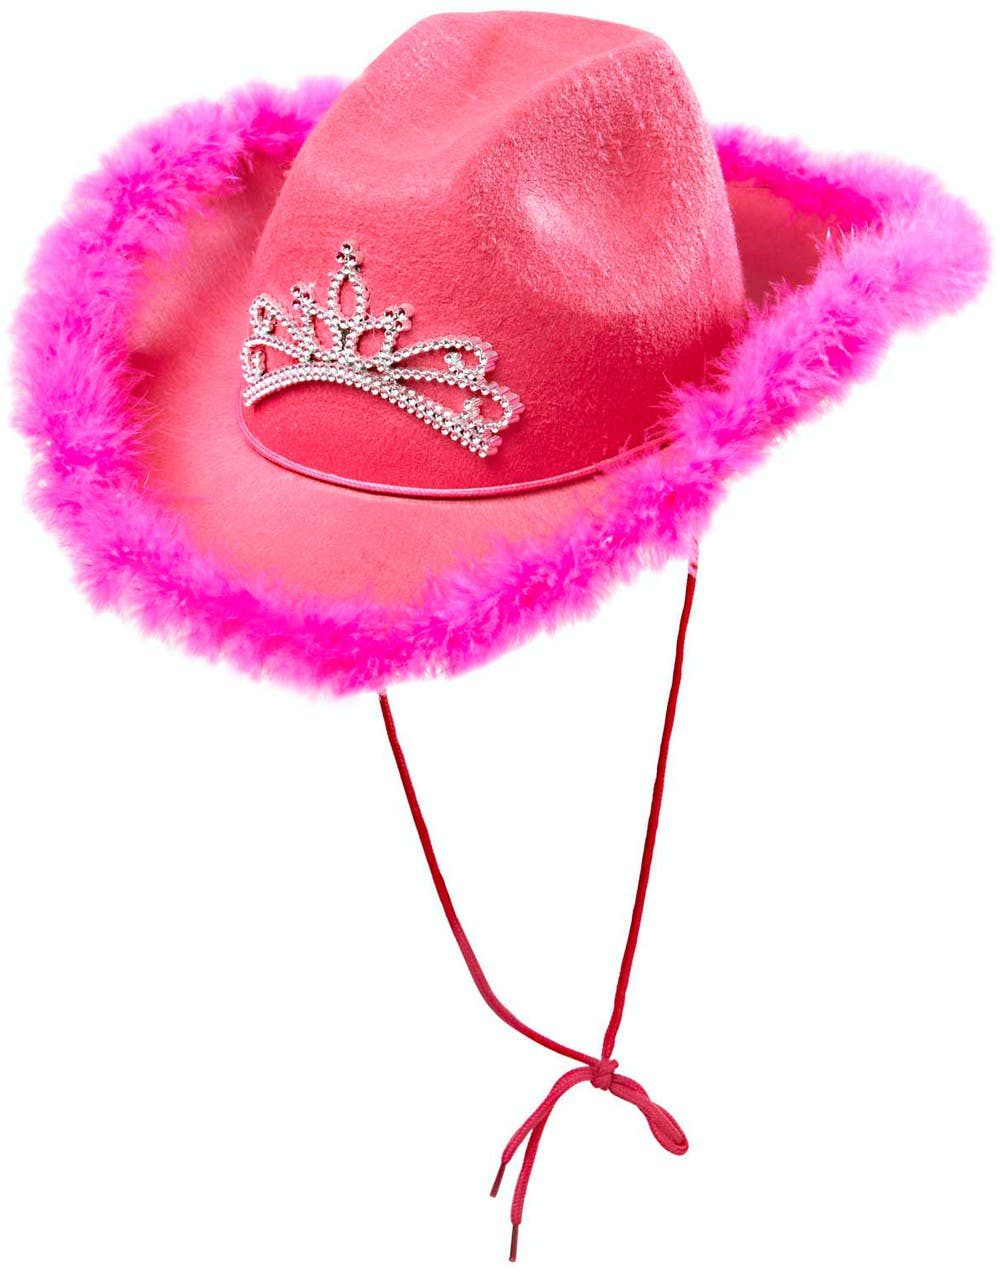 Rosa Cowboy Hatt m Tiara - Huvudbonad df2d05422dbc6